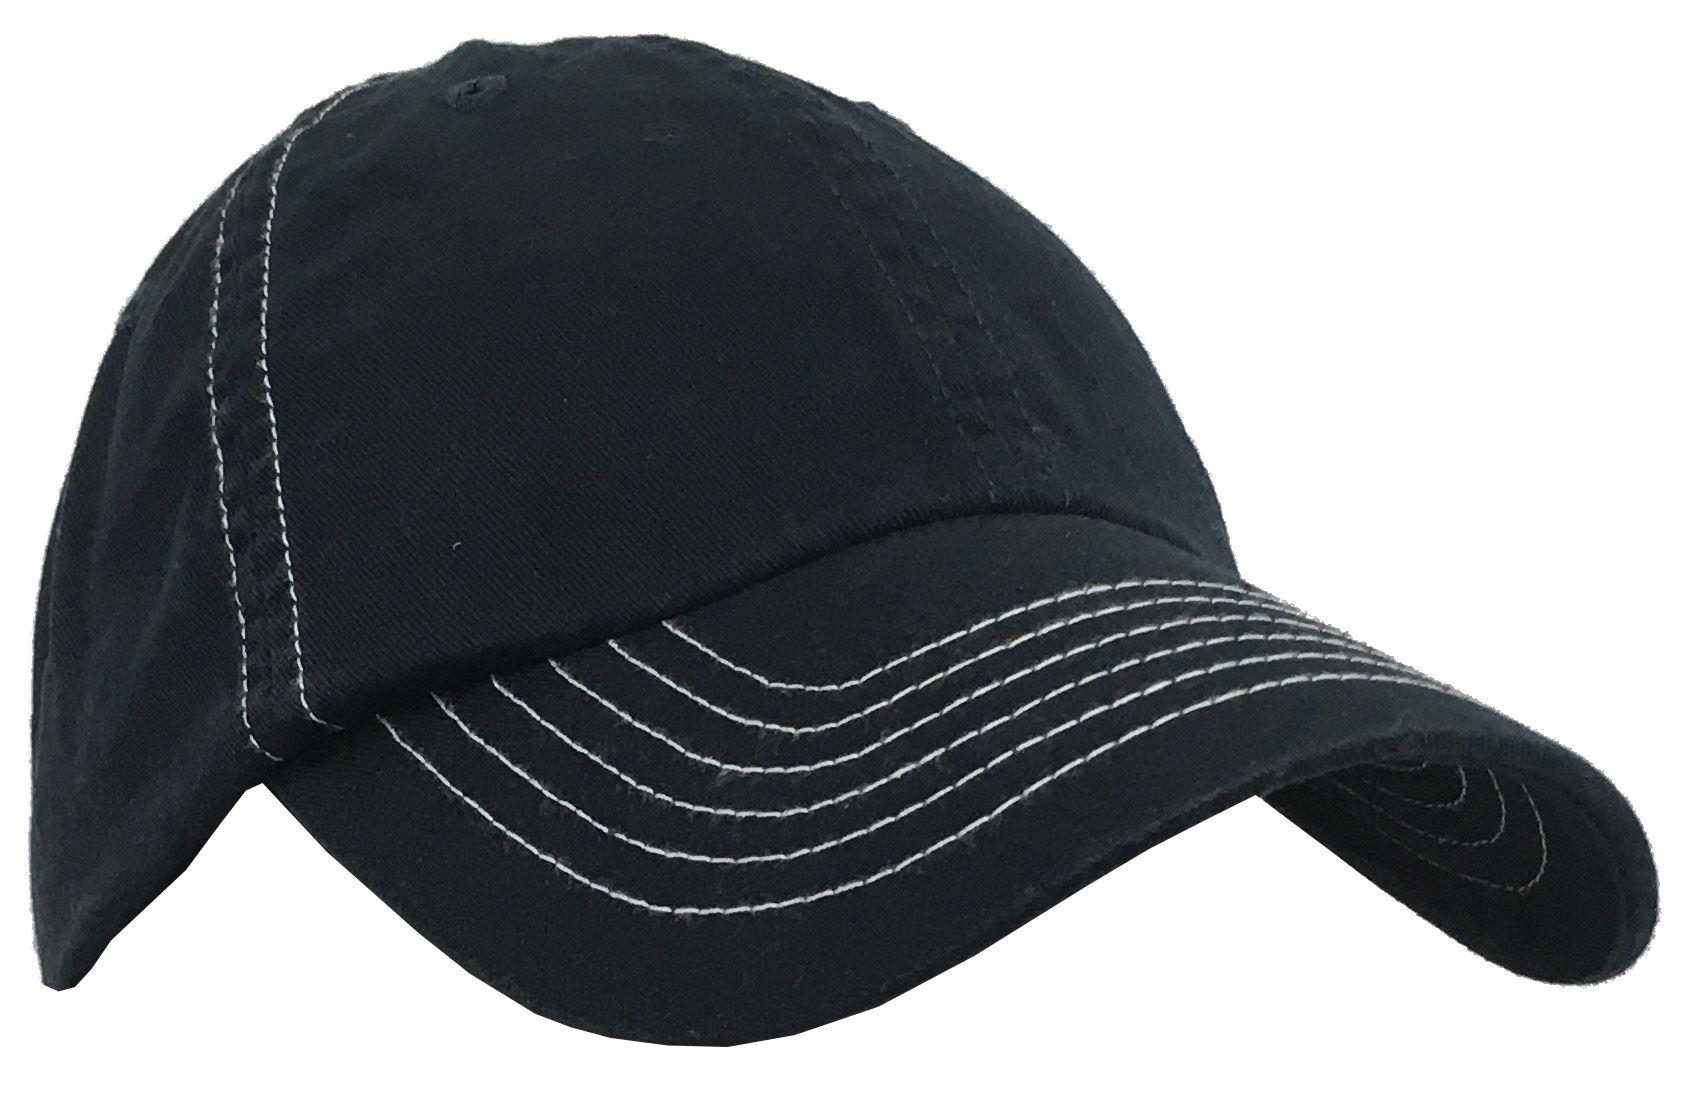 Plain Contrast Stitch Hat Adult Cotton Performance ...  Stitch